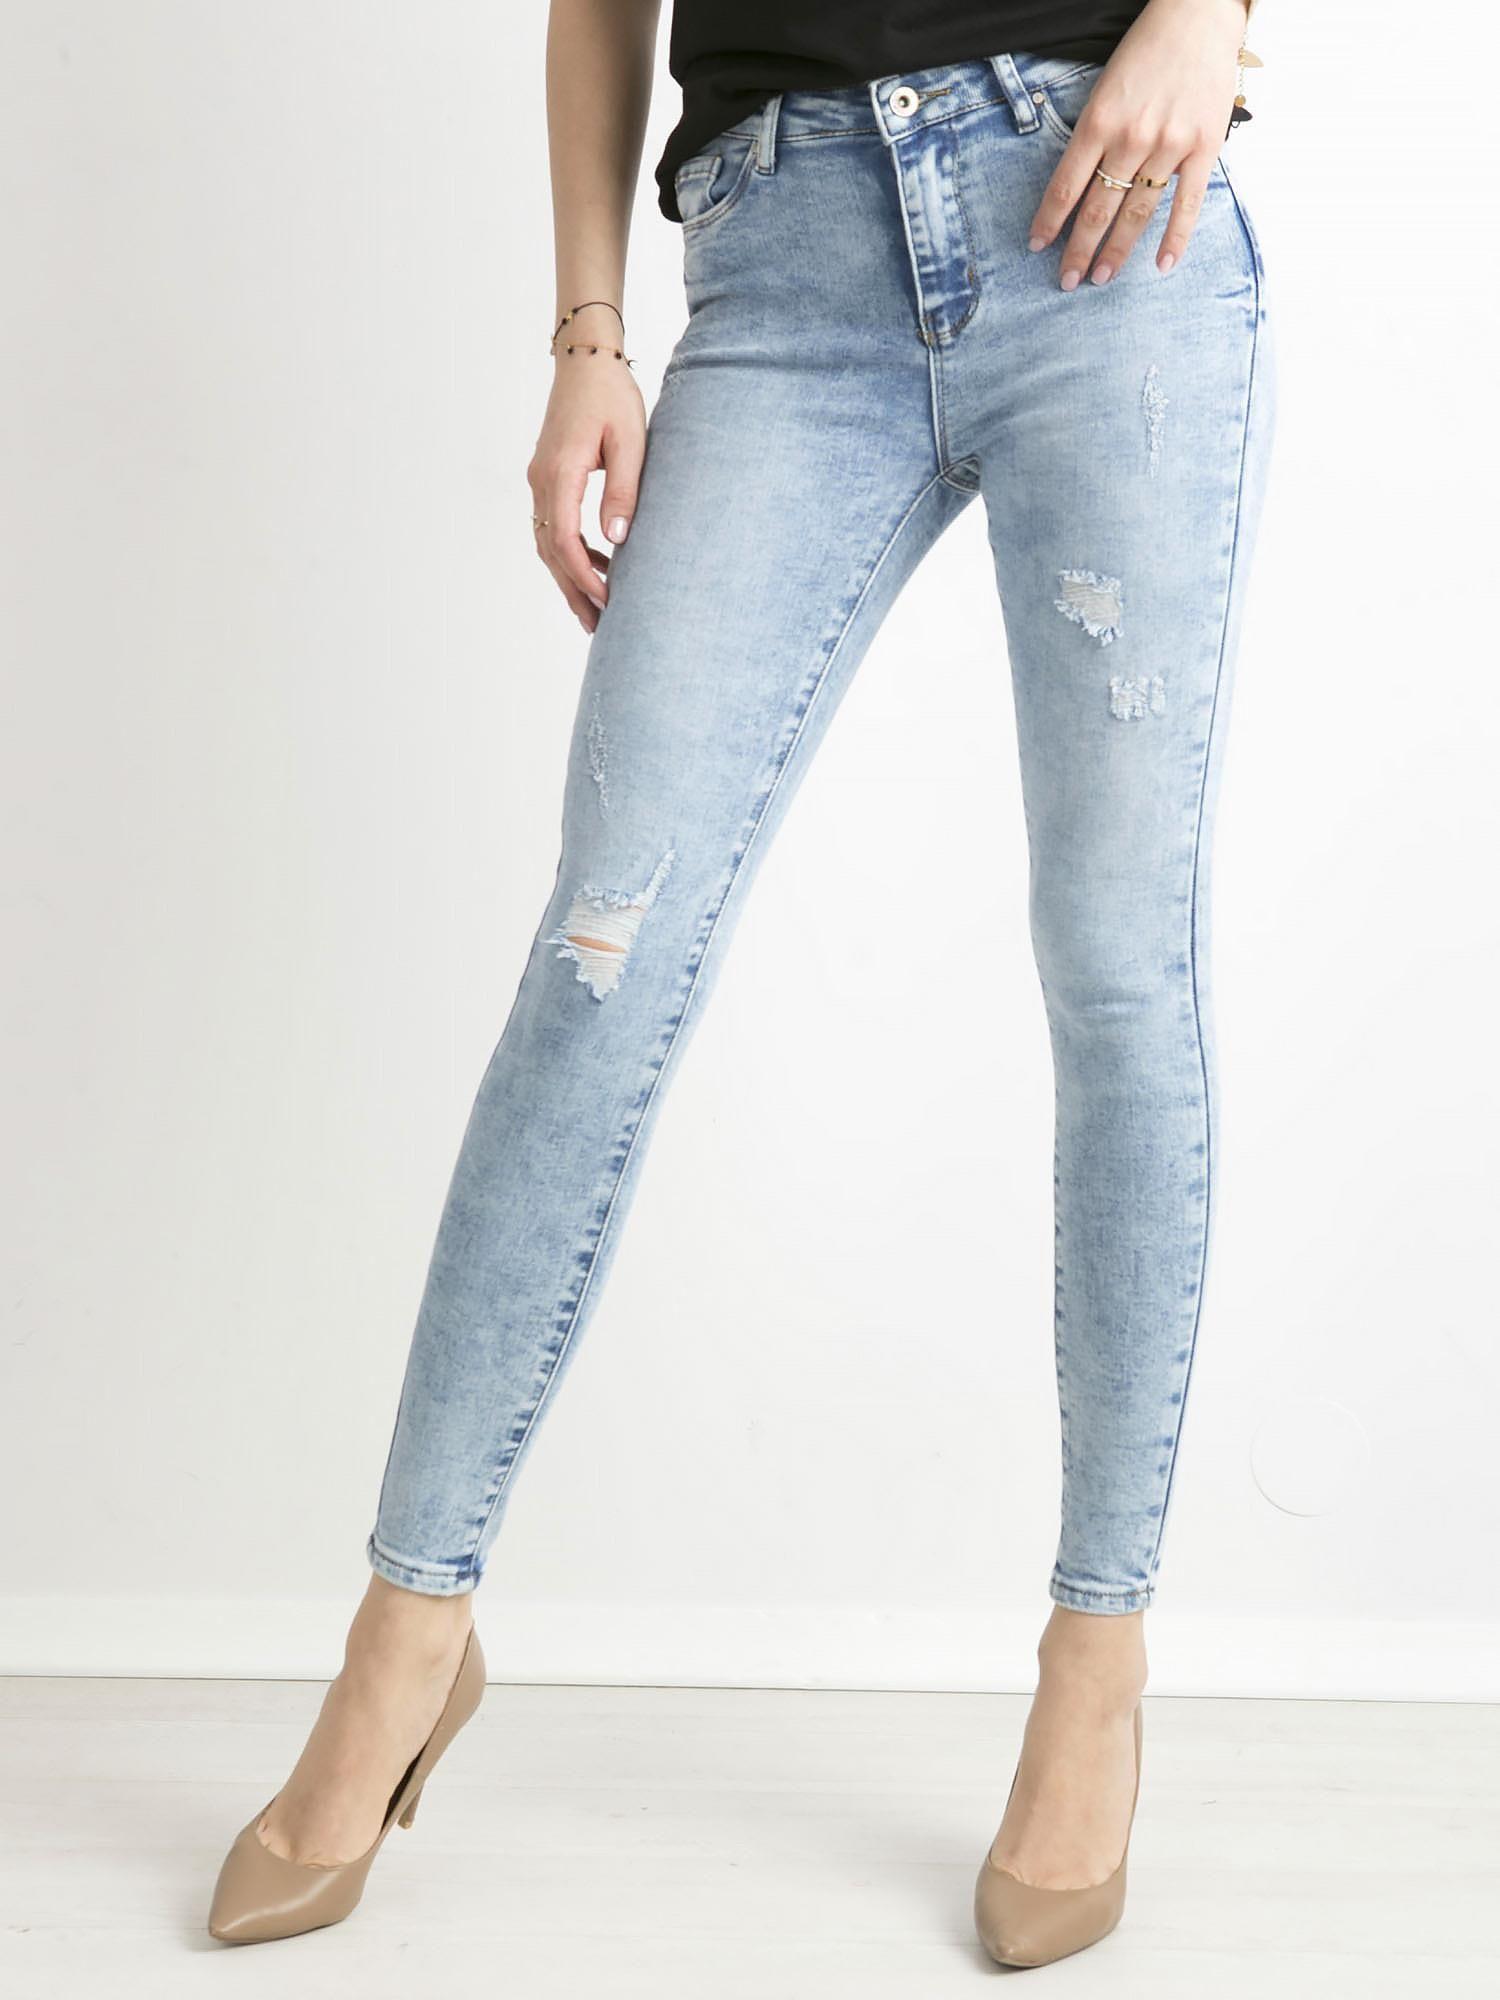 e5e8ddaad5448d Niebieskie jeansy damskie z wysokim stanem - Spodnie jeansowe - sklep  eButik.pl